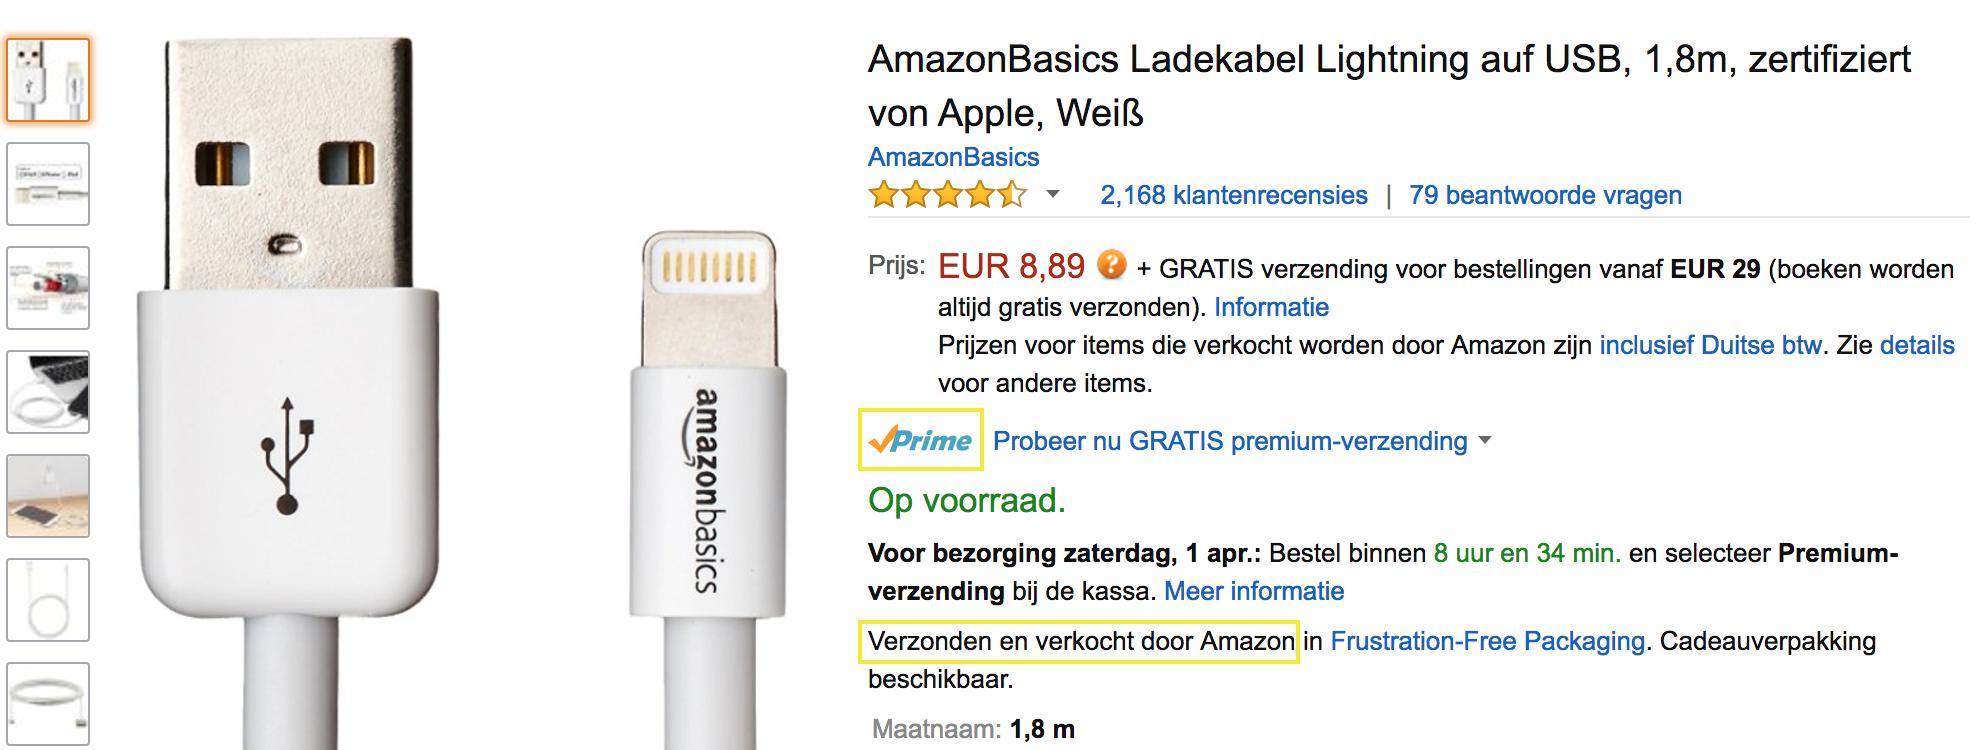 Prime + Verzonden/verkocht door Amazon